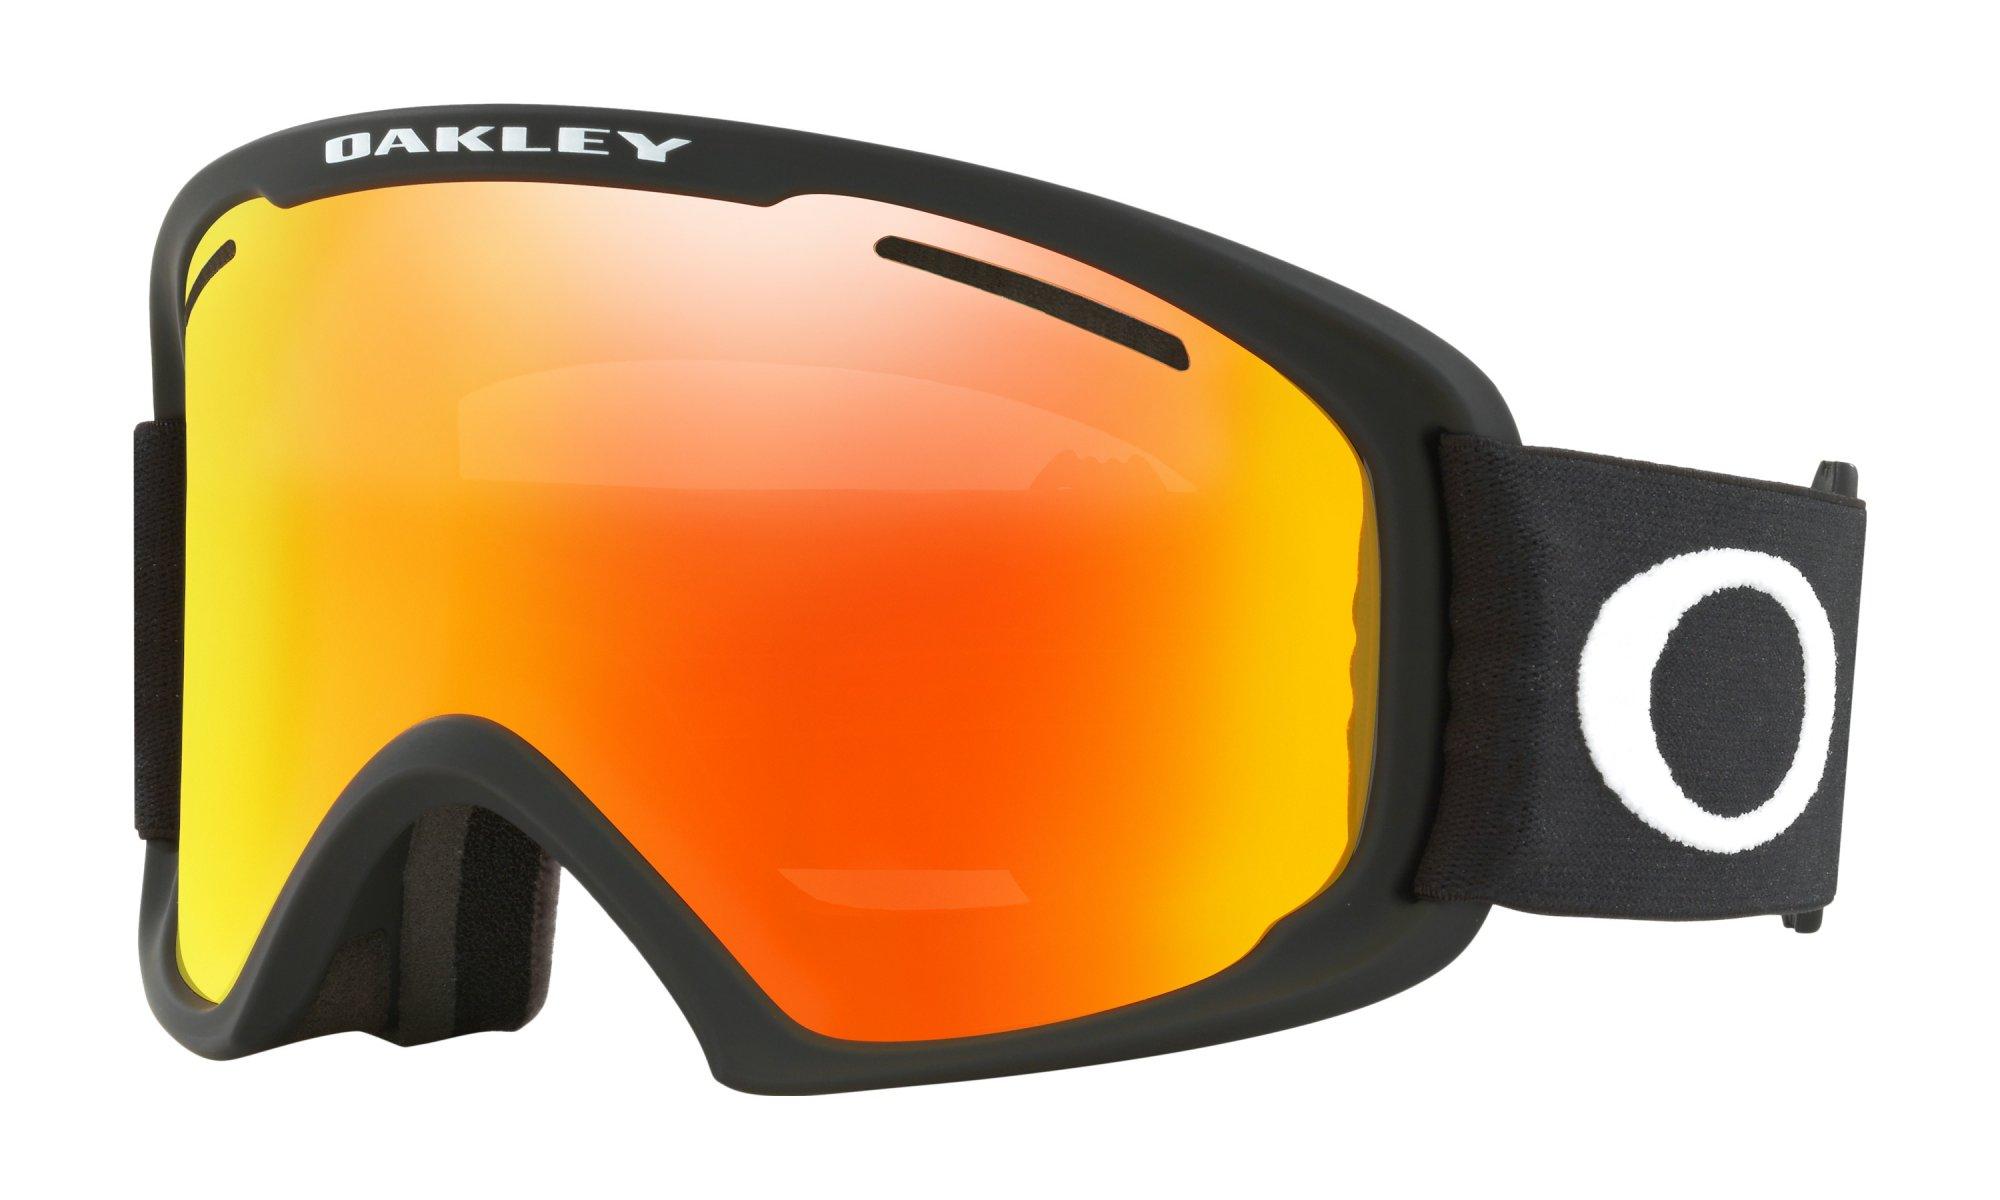 2019 Oakley O Frame 2.0 XL Snow Goggle